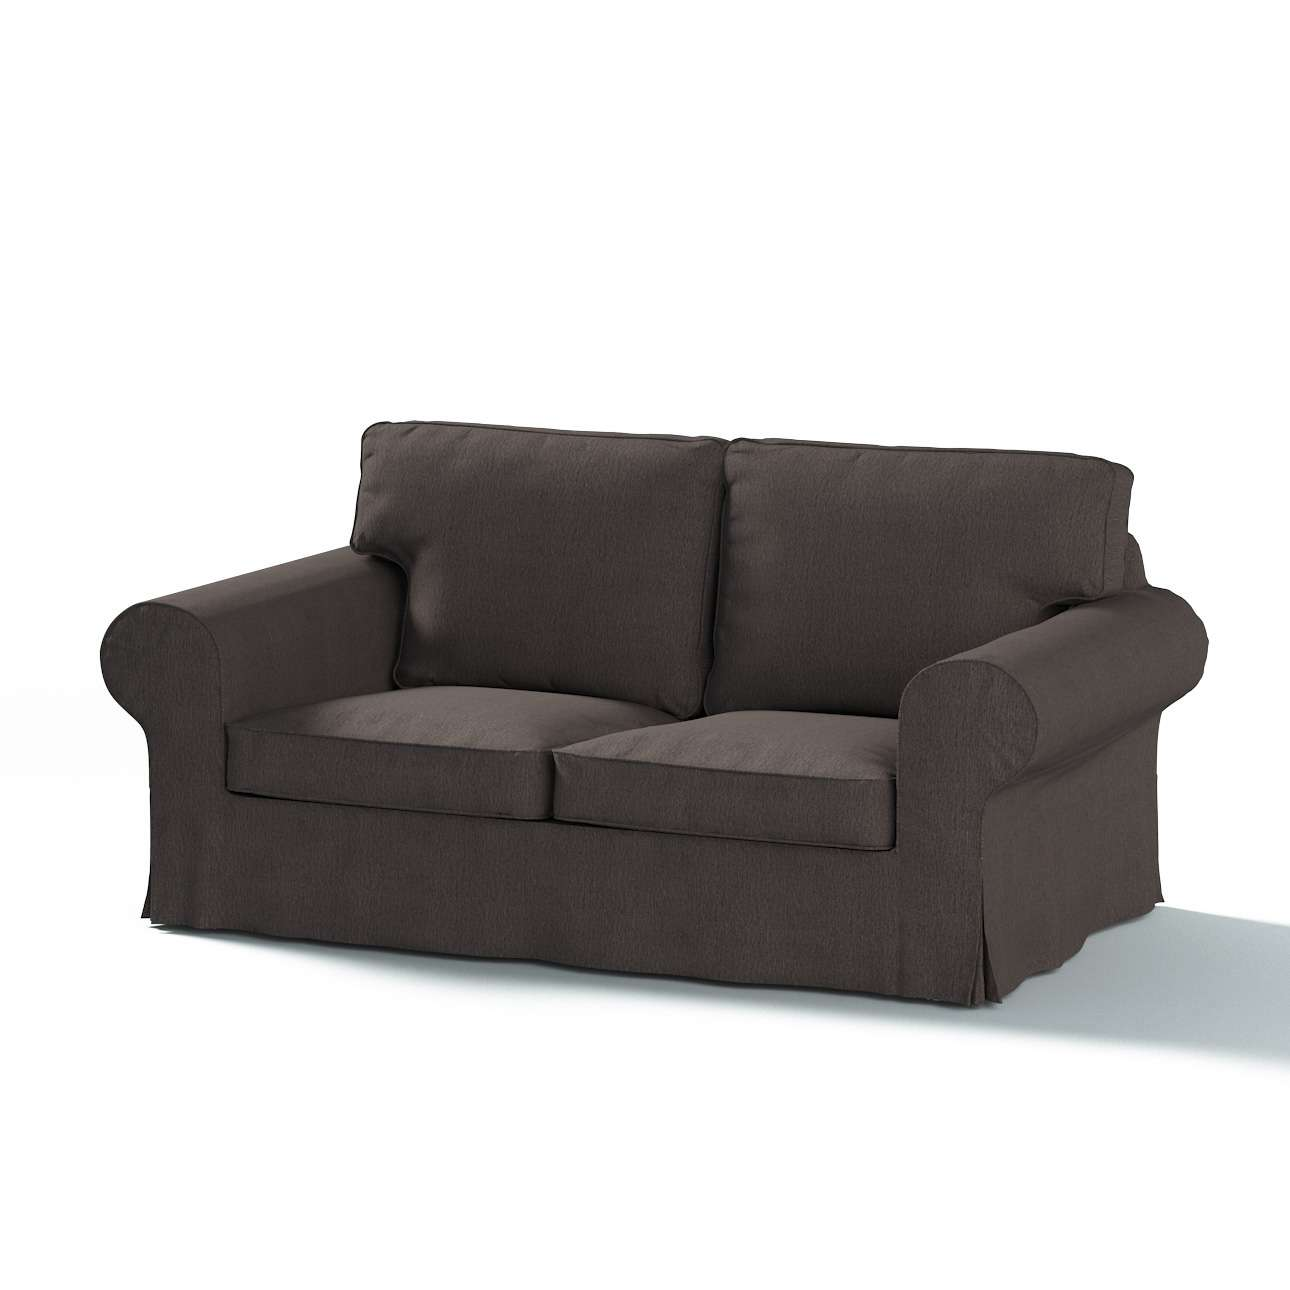 Ektorp dvivietės sofos užvalkalas Ektorp dvivietės sofos užvalkalas kolekcijoje Chenille, audinys: 702-20